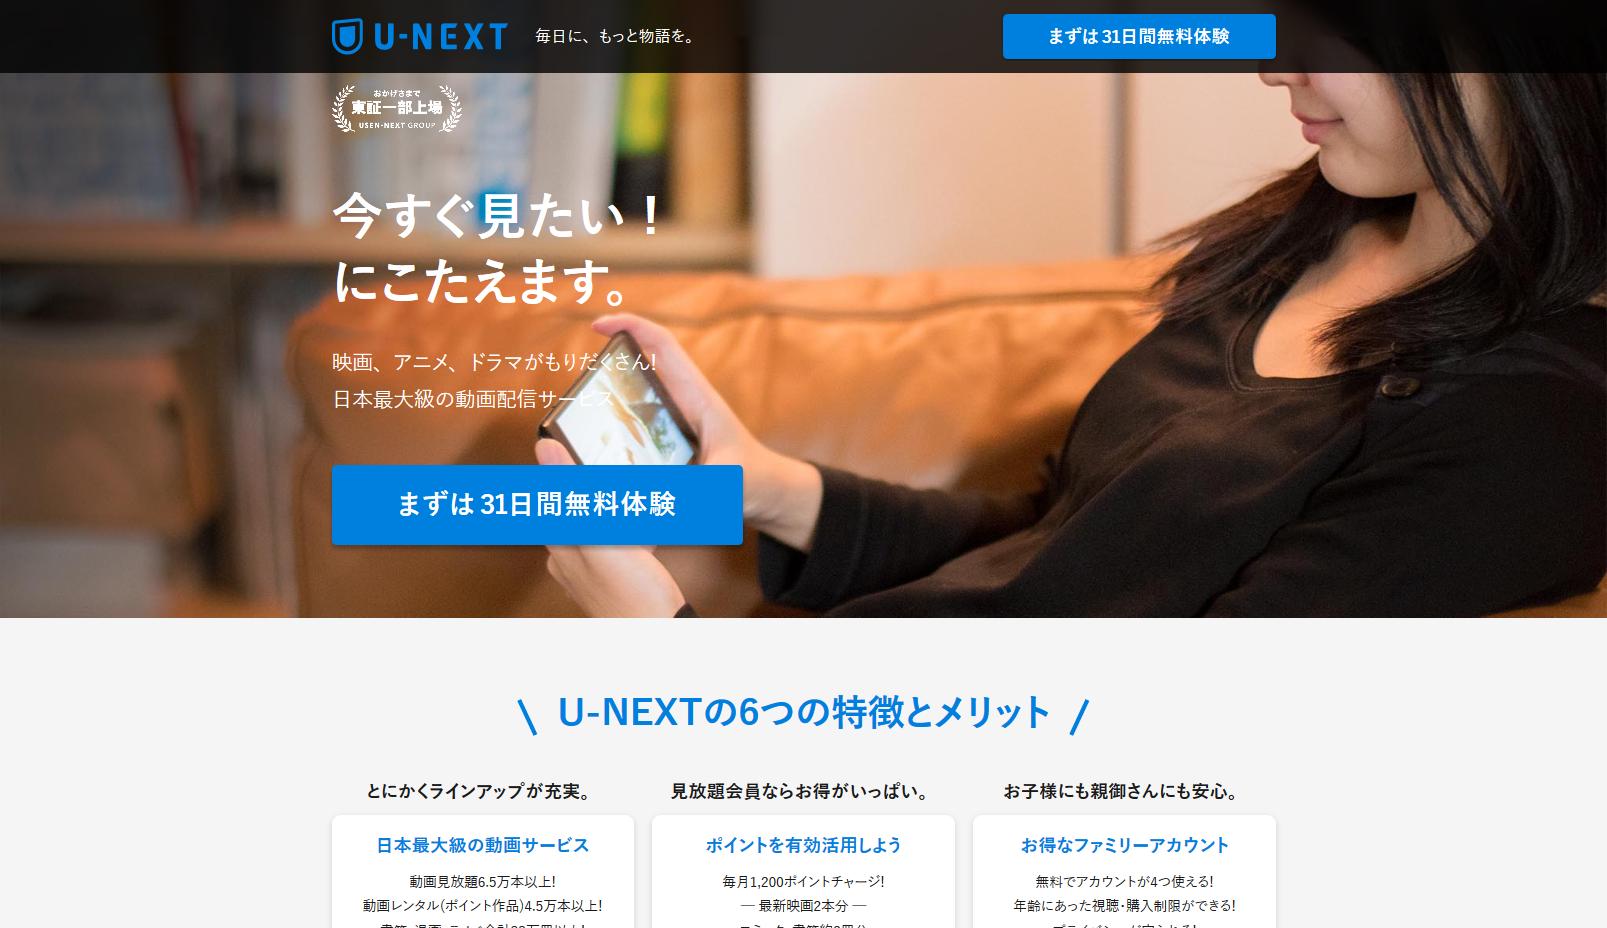 日本最大級のビデオオンデマンドU-NEXT